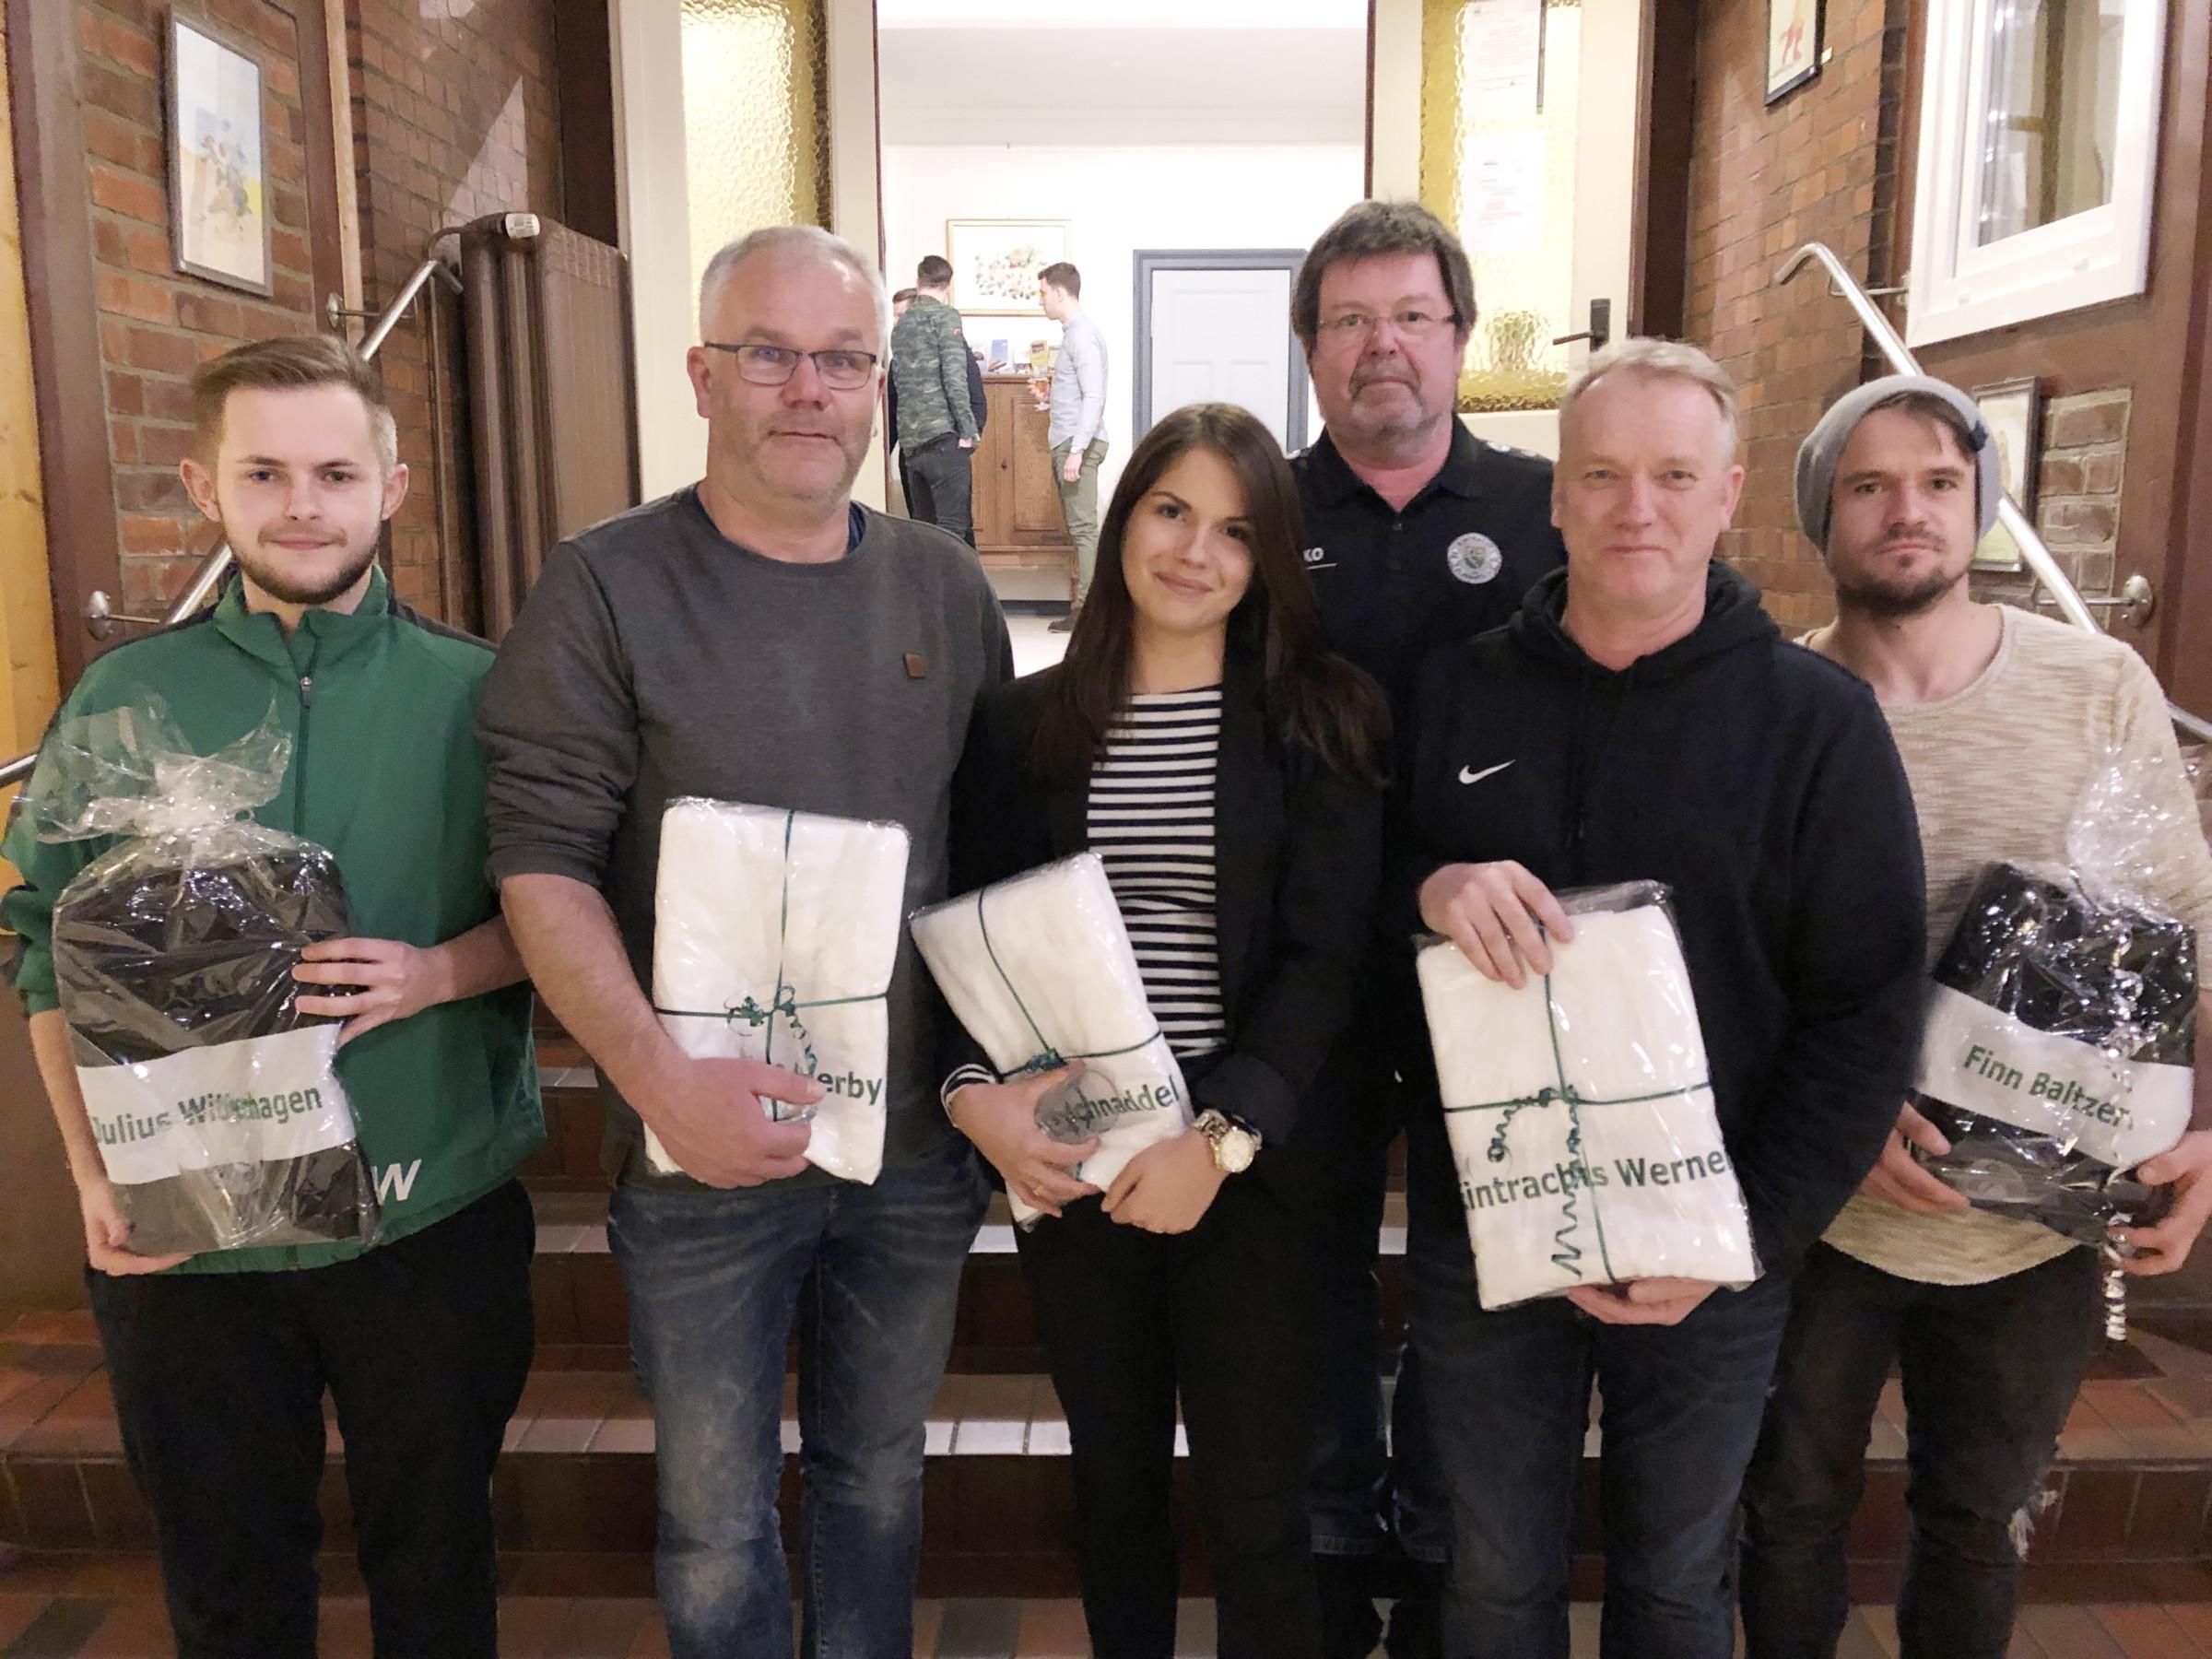 Vereinsvorsitzender Jens Heidemann (3. v. re.) mit den Geehrten (v. li.) Julius Wittenhagen, Herby Meyn, Nathalie Bödder, Werner Stehr und Finn Baltzer. Fotos: ee